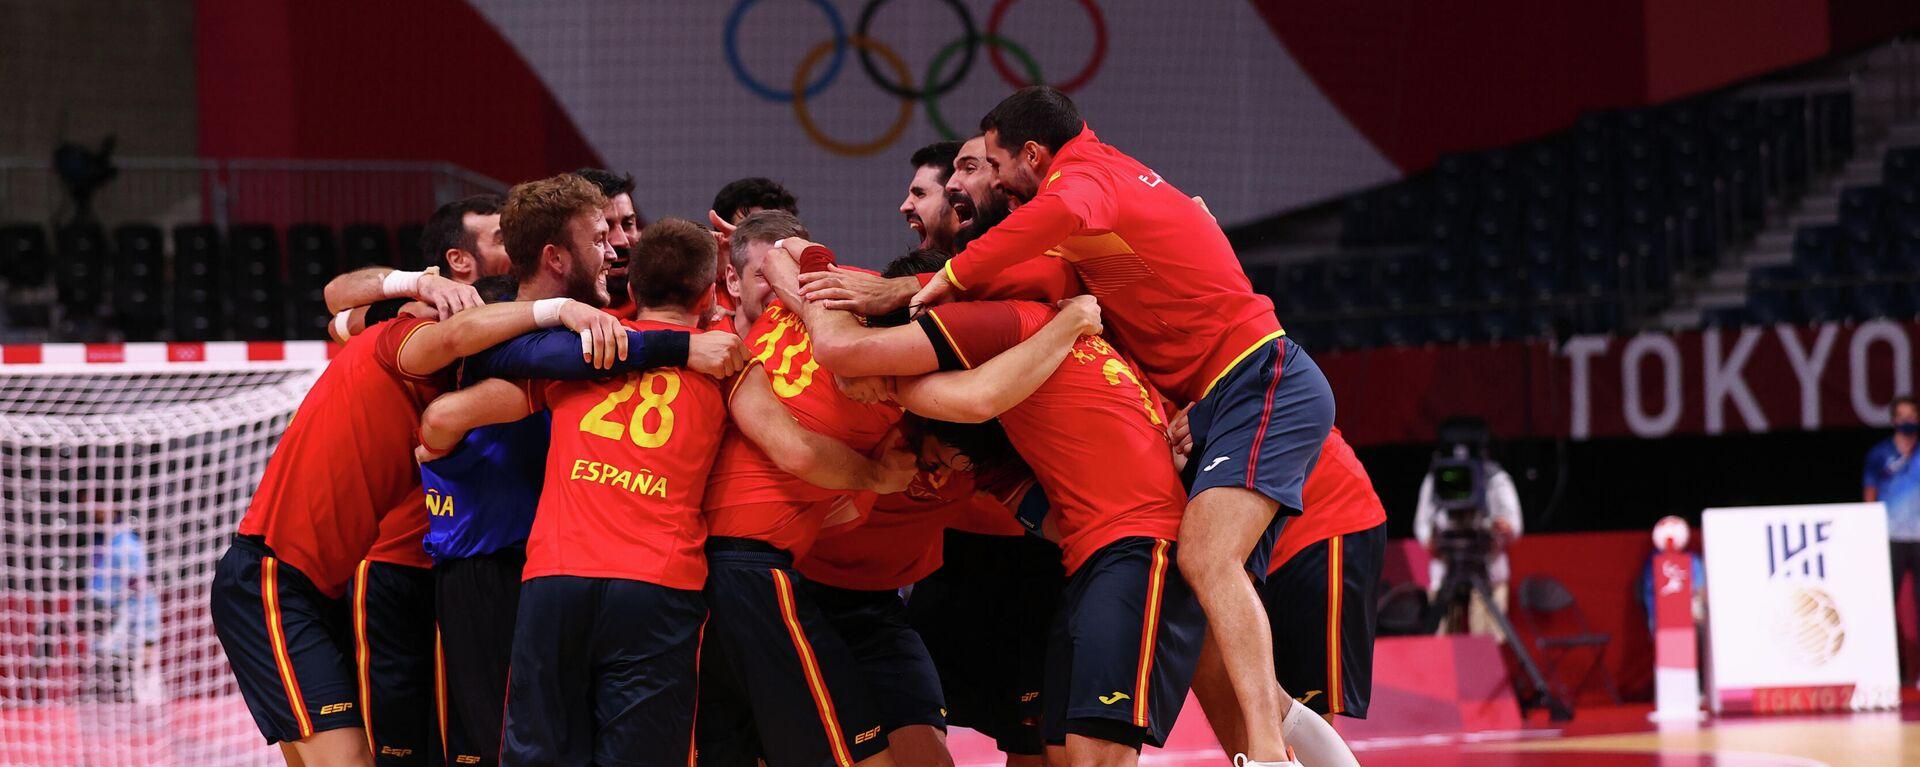 La selección española de balonmano masculino - Sputnik Mundo, 1920, 07.08.2021